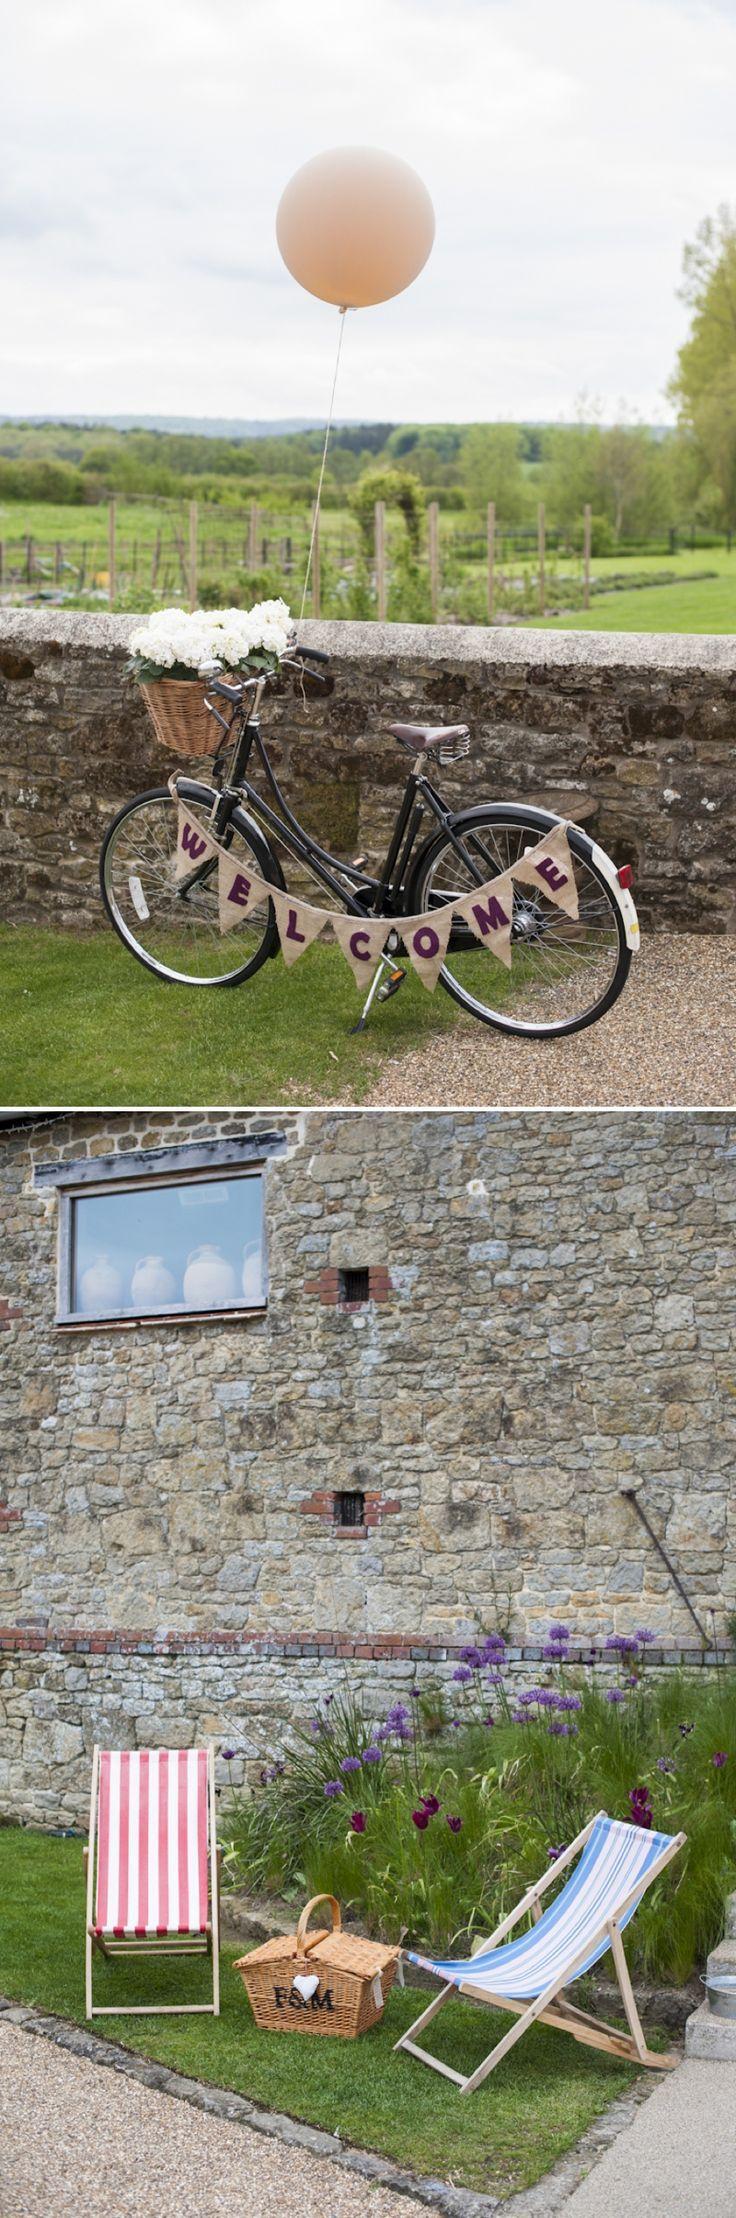 piknik-dugun-dekorasyon-fikirleri-bisiklet